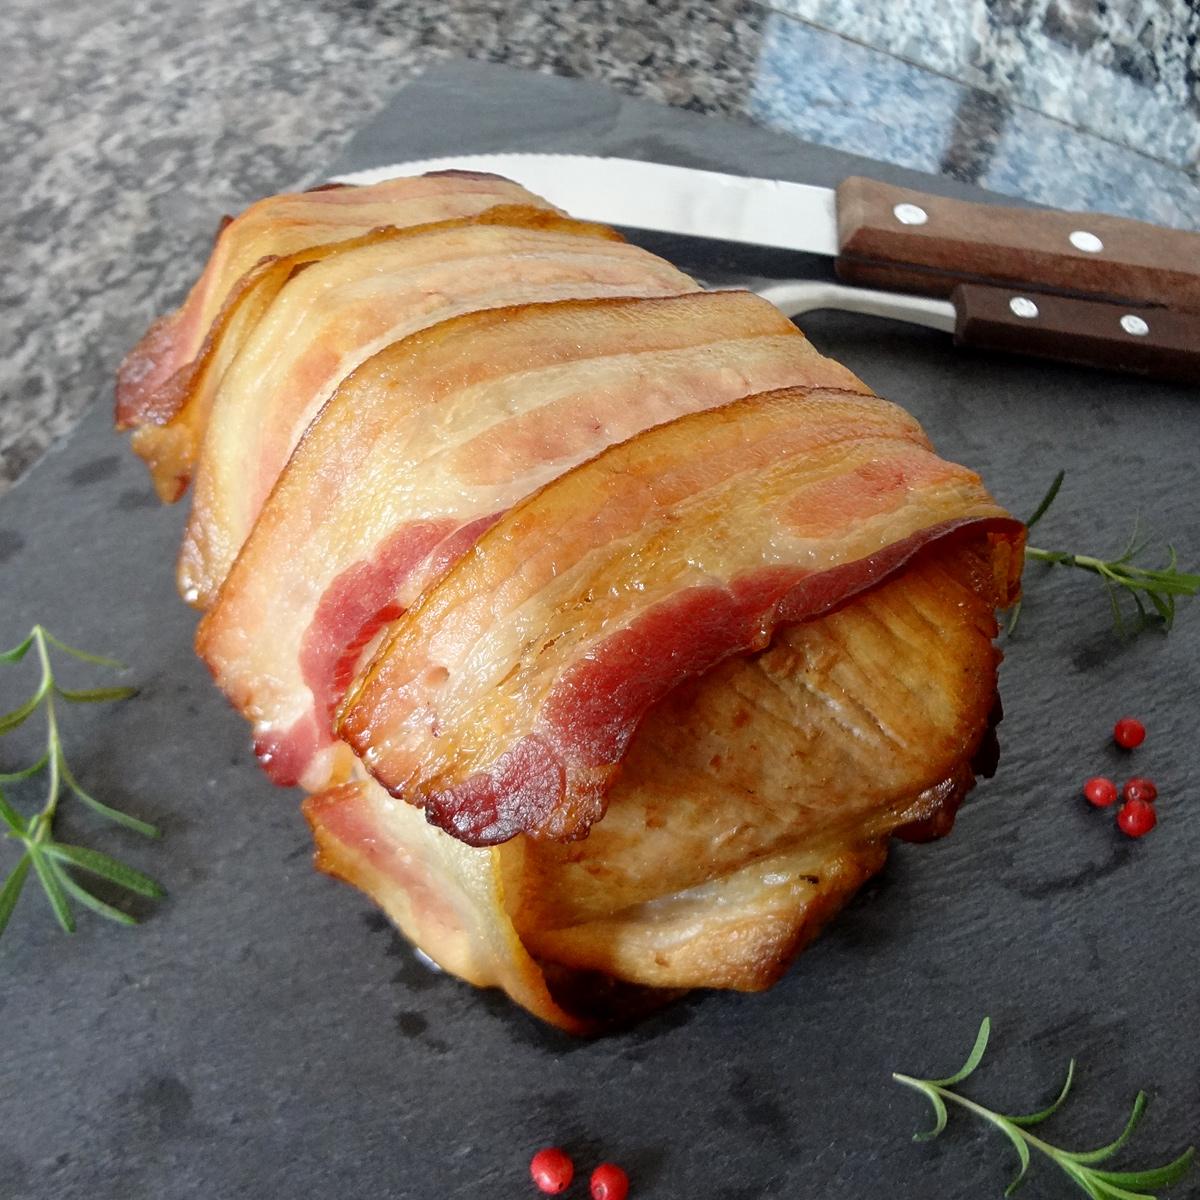 receita, gourmetice, lombo, porco, suíno, assado, bacon